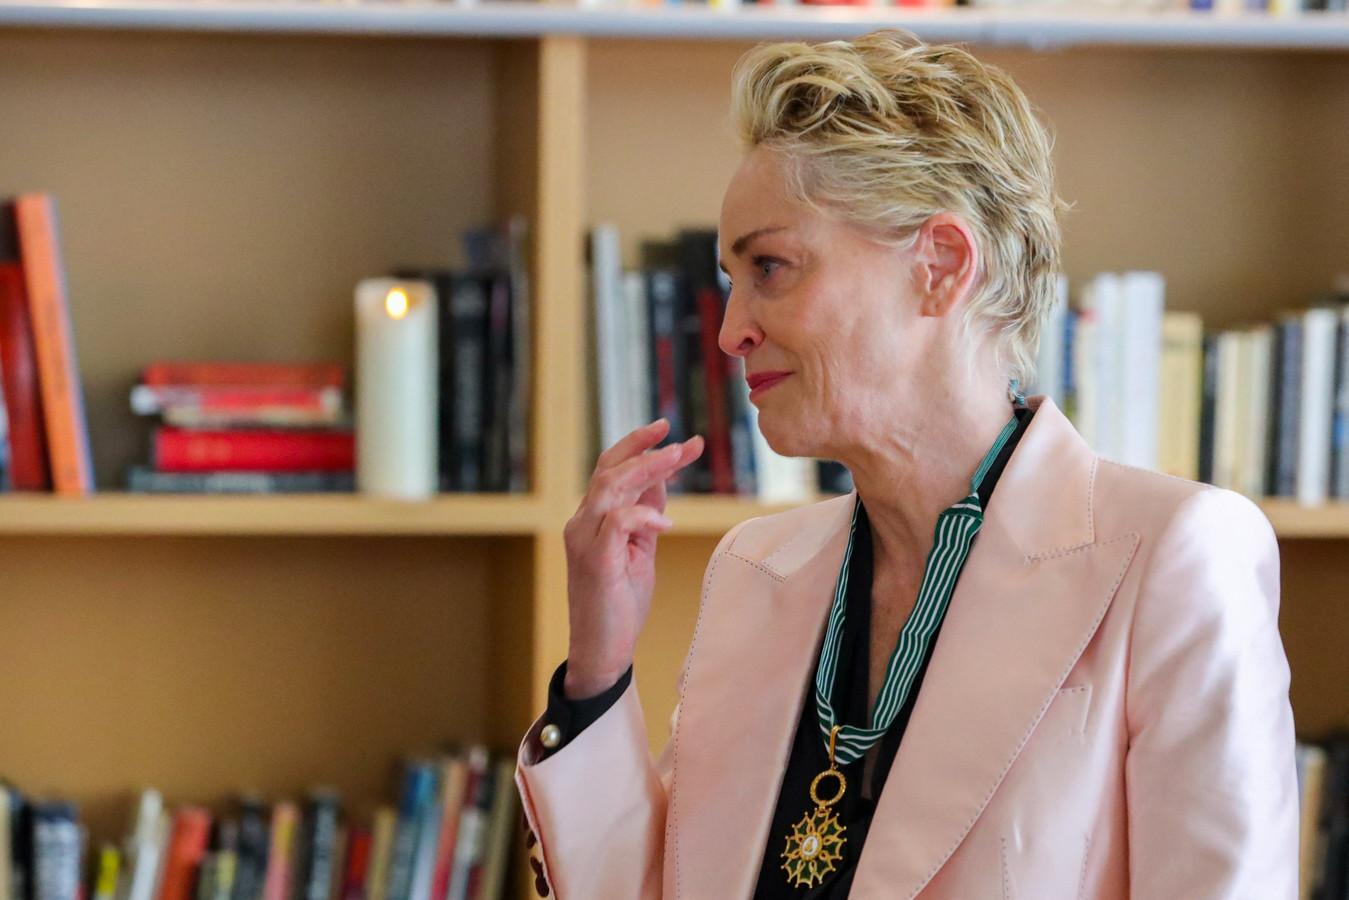 L'actrice américaine Sharon Stone reçoit les insignes de Commandeur de l'Ordre des Arts et des Lettres en marge de la 74ème édition du Festival de Cannes.